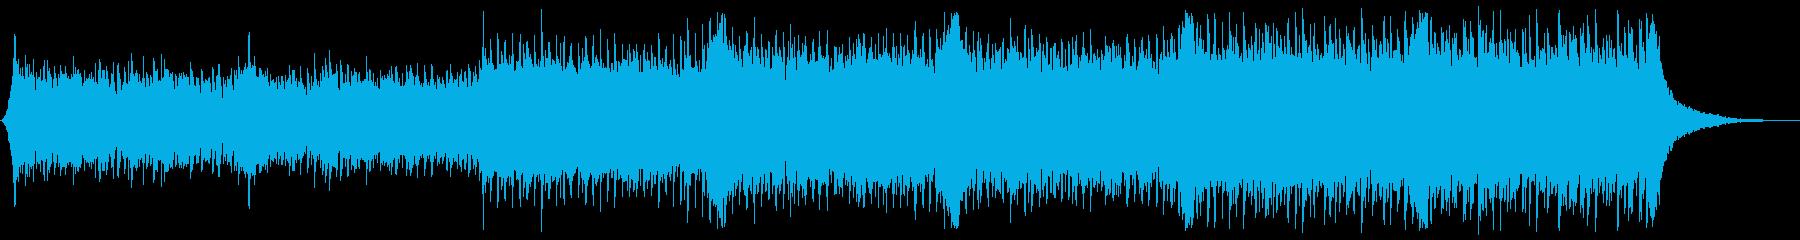 企業VP系104、爽やかギター4つ打ちbの再生済みの波形